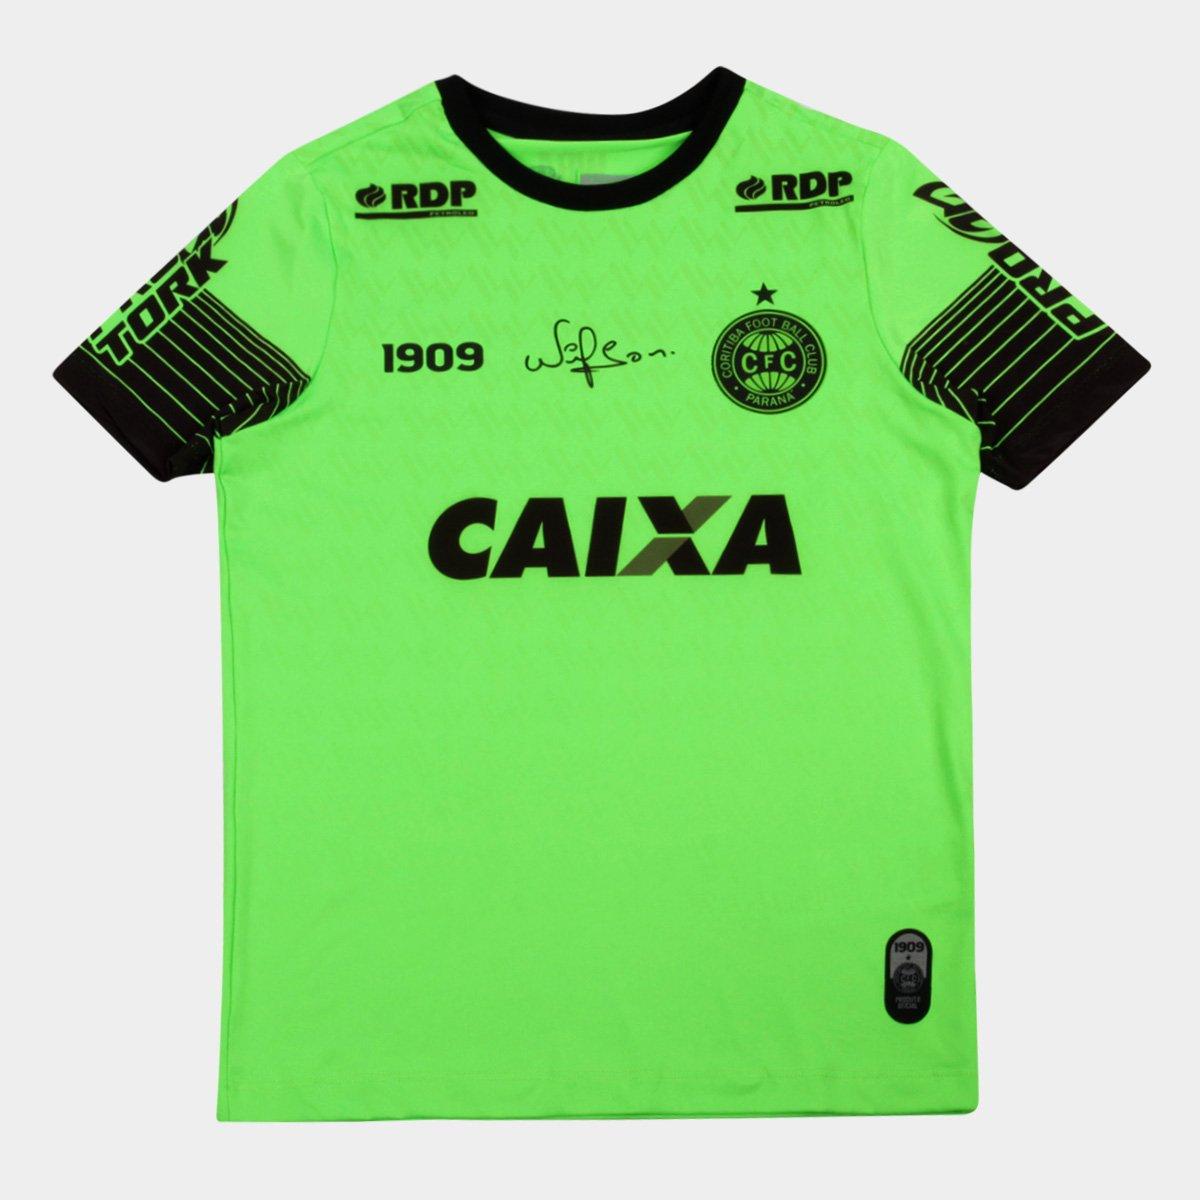 6238d5a5cd Camisa Goleiro Coritiba 2018 s n° C Patrocínio - Jogador 1909 Juvenil ...